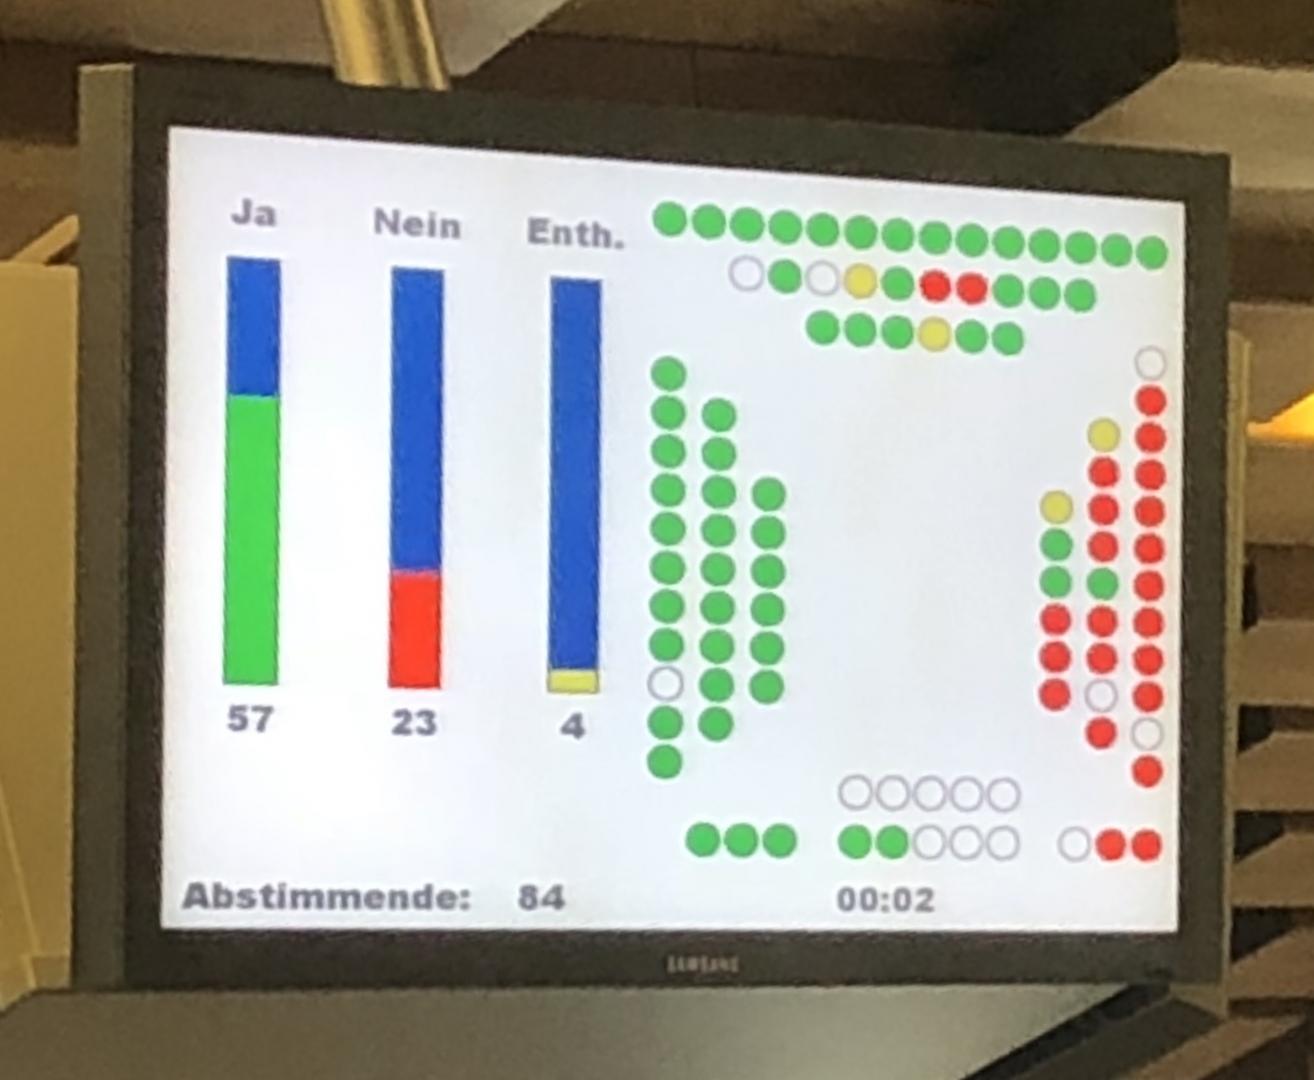 06.06.19 Regionaljournal «Neues Steuergesetz findet keinen Kompromiss»